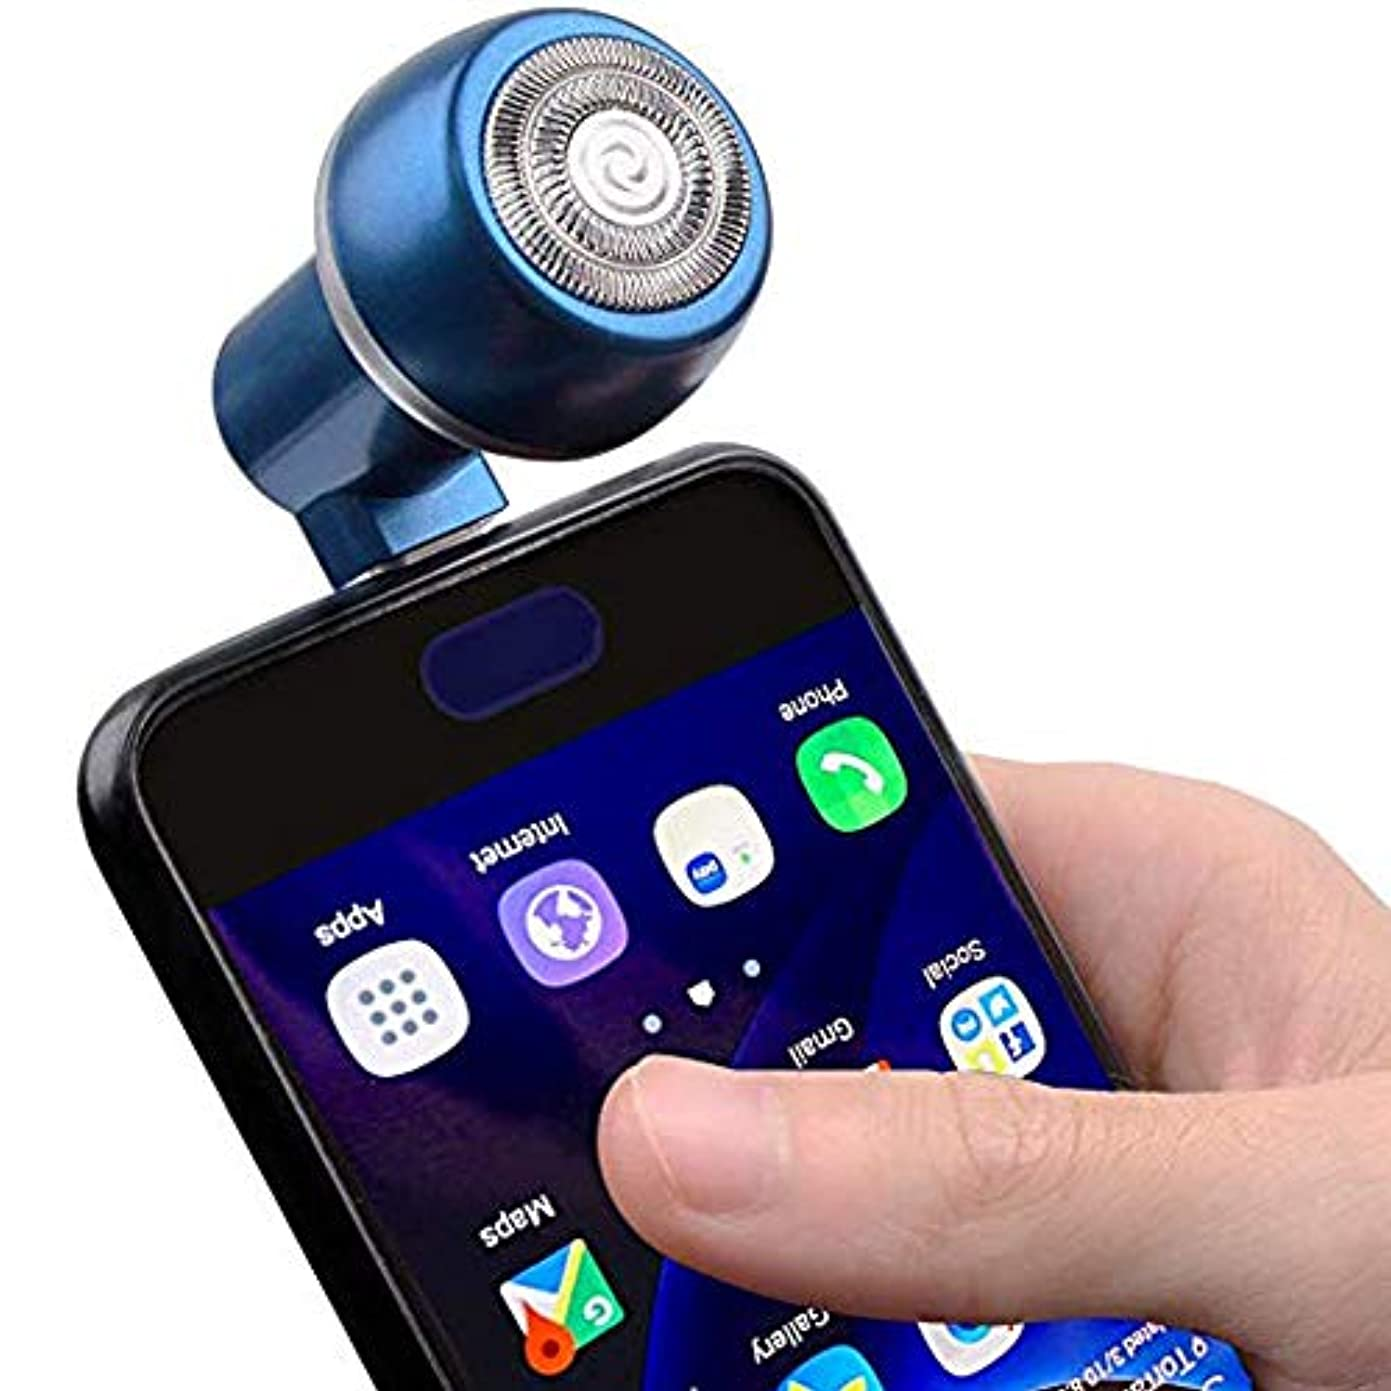 望み隠された傑作iCaree 鉱石ブルーメンズ 電気 シェーバー 髭剃り 回転式 ミニ 電動ひげそり 携帯電話/USB充電式 持ち運び便利 ビジネス 海外通用Android携帯電話屋外ポータブルマイクロ